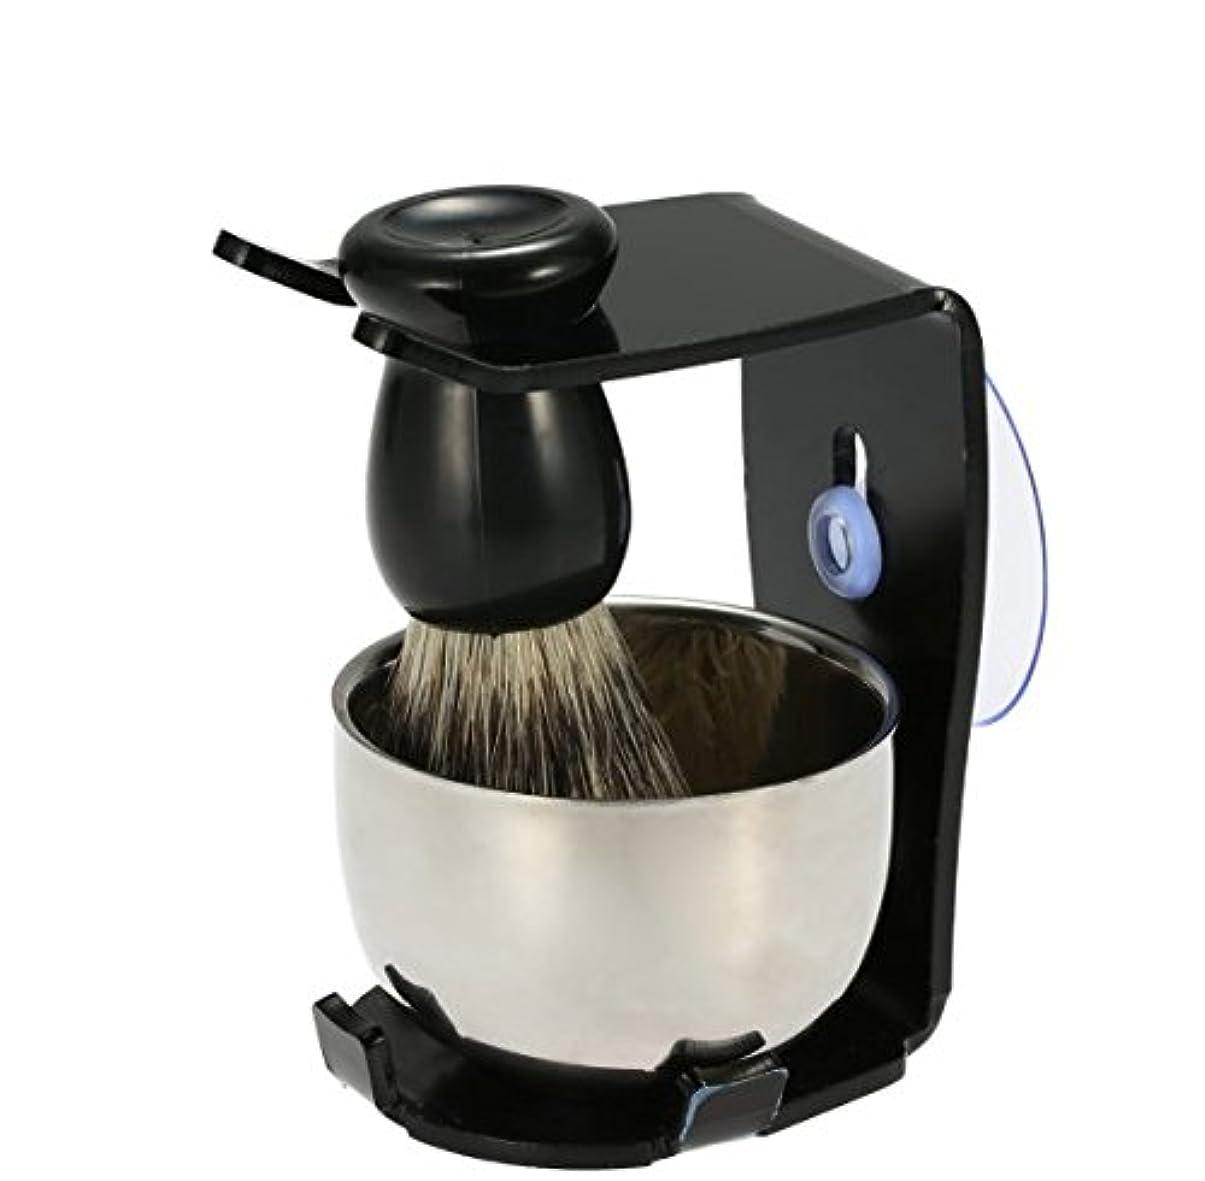 ディンカルビルタフ物理3 In 1 Men's Shaving Razor Set Badger Hair Shaving Brush Stand Razor Holder